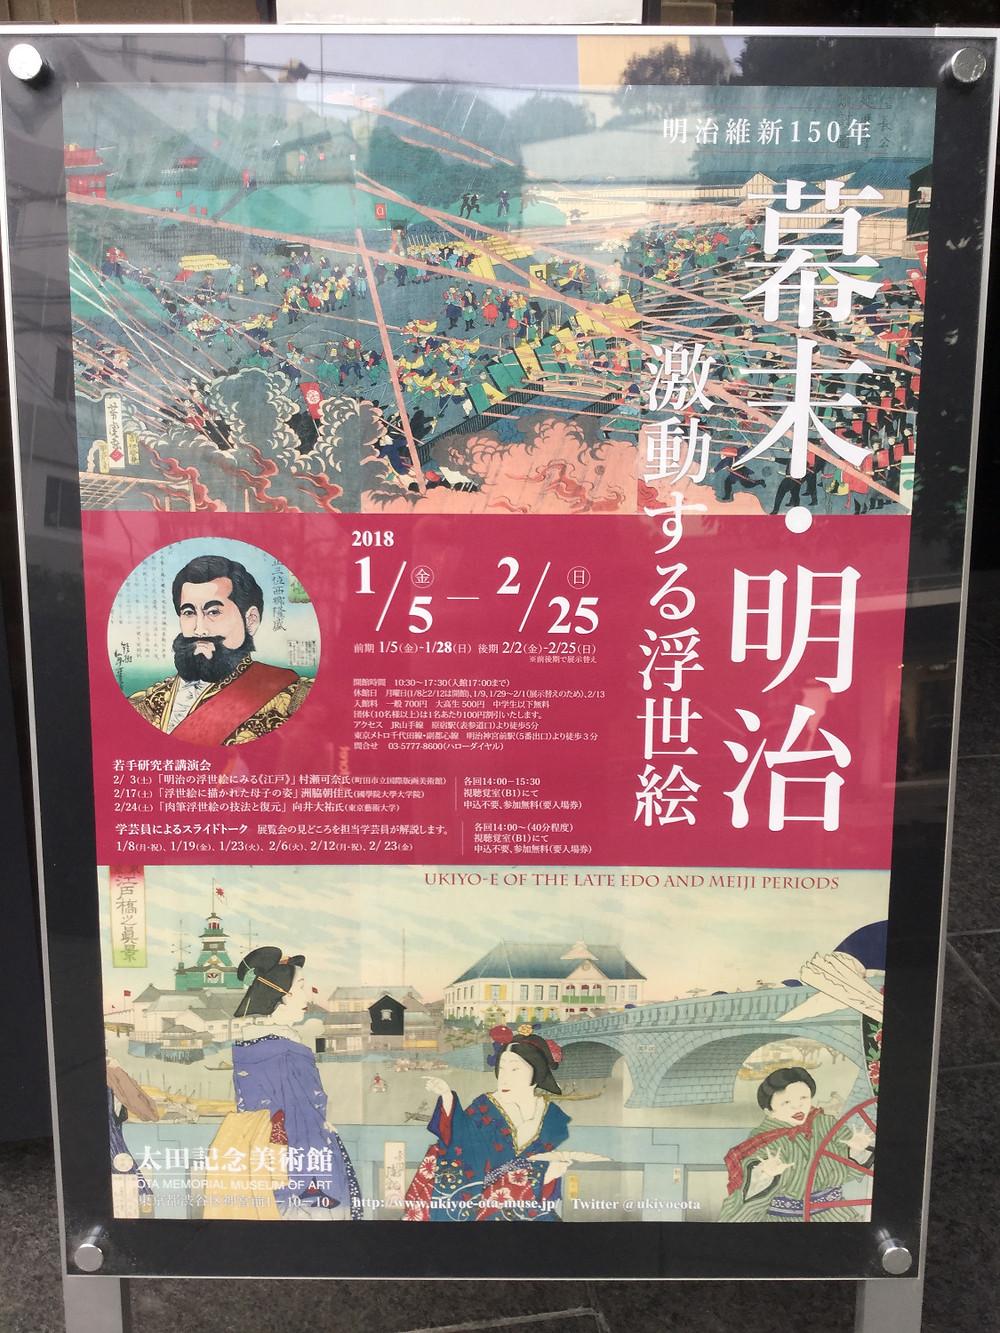 太田記念美術館『明治維新150年 幕末・明治 激動する浮世絵』